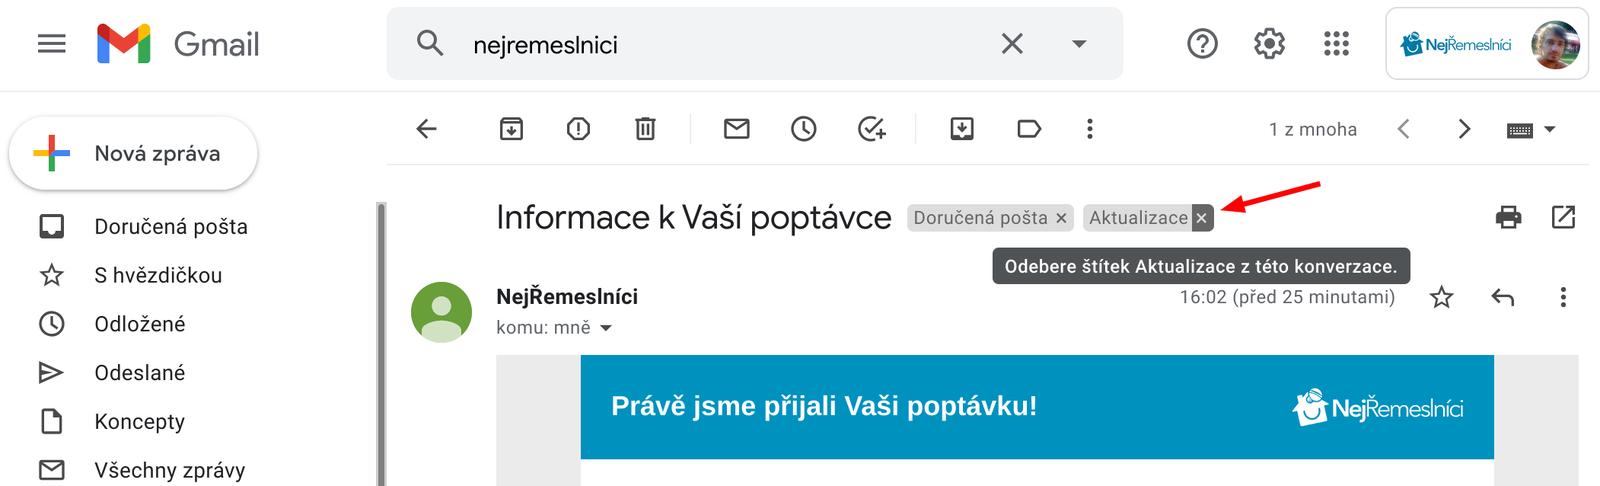 Přesun mailu do Primární složky v Doručené poště